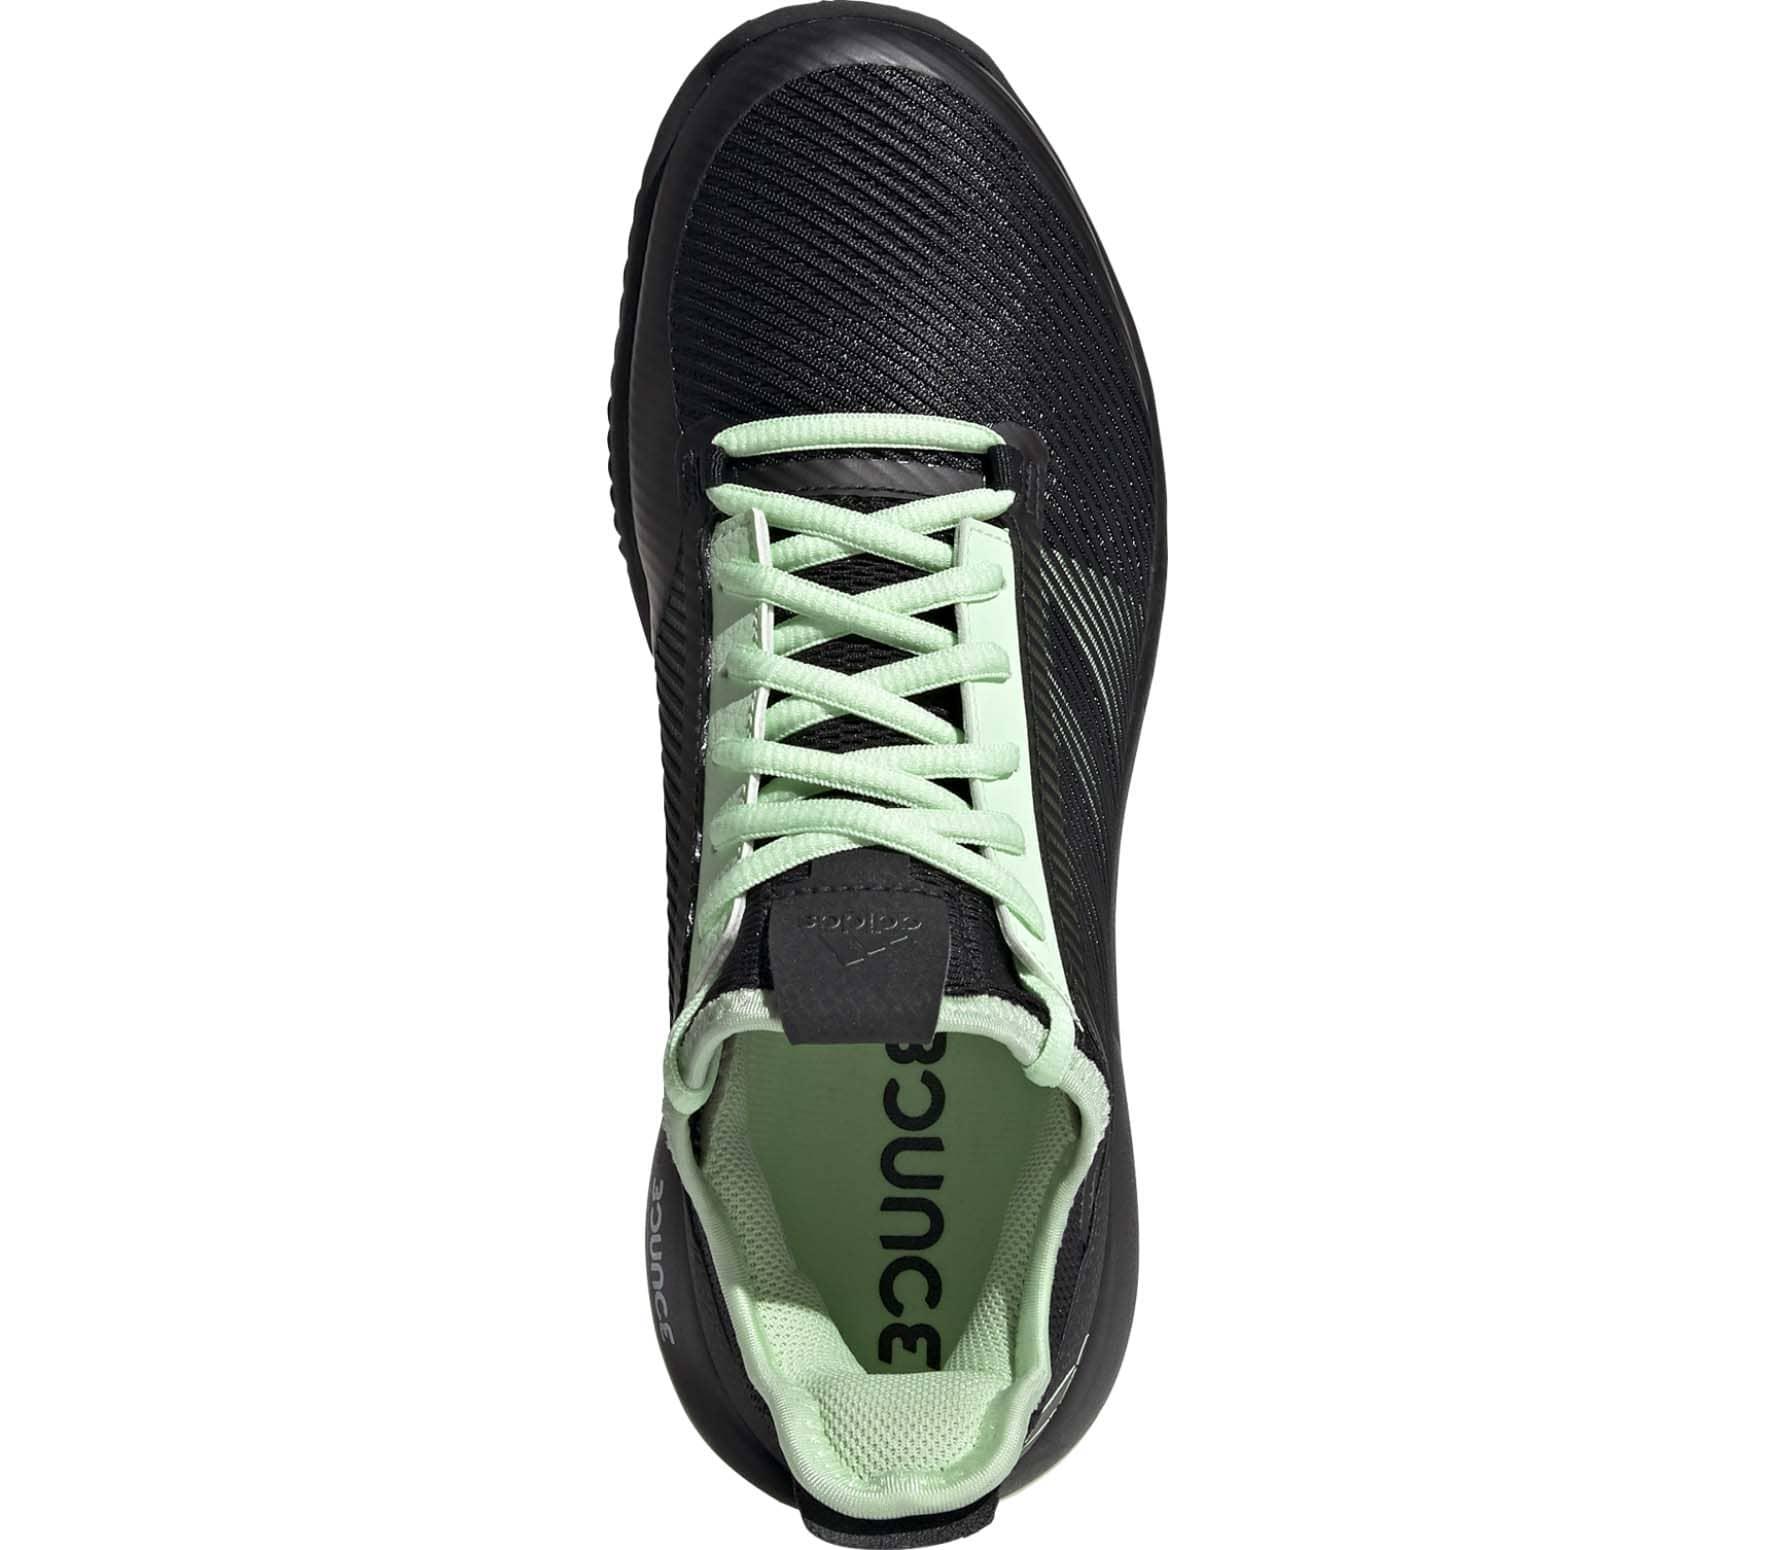 adidas Adizero Defiant Bounce 2 Mujer Zapatillas de tenis negro